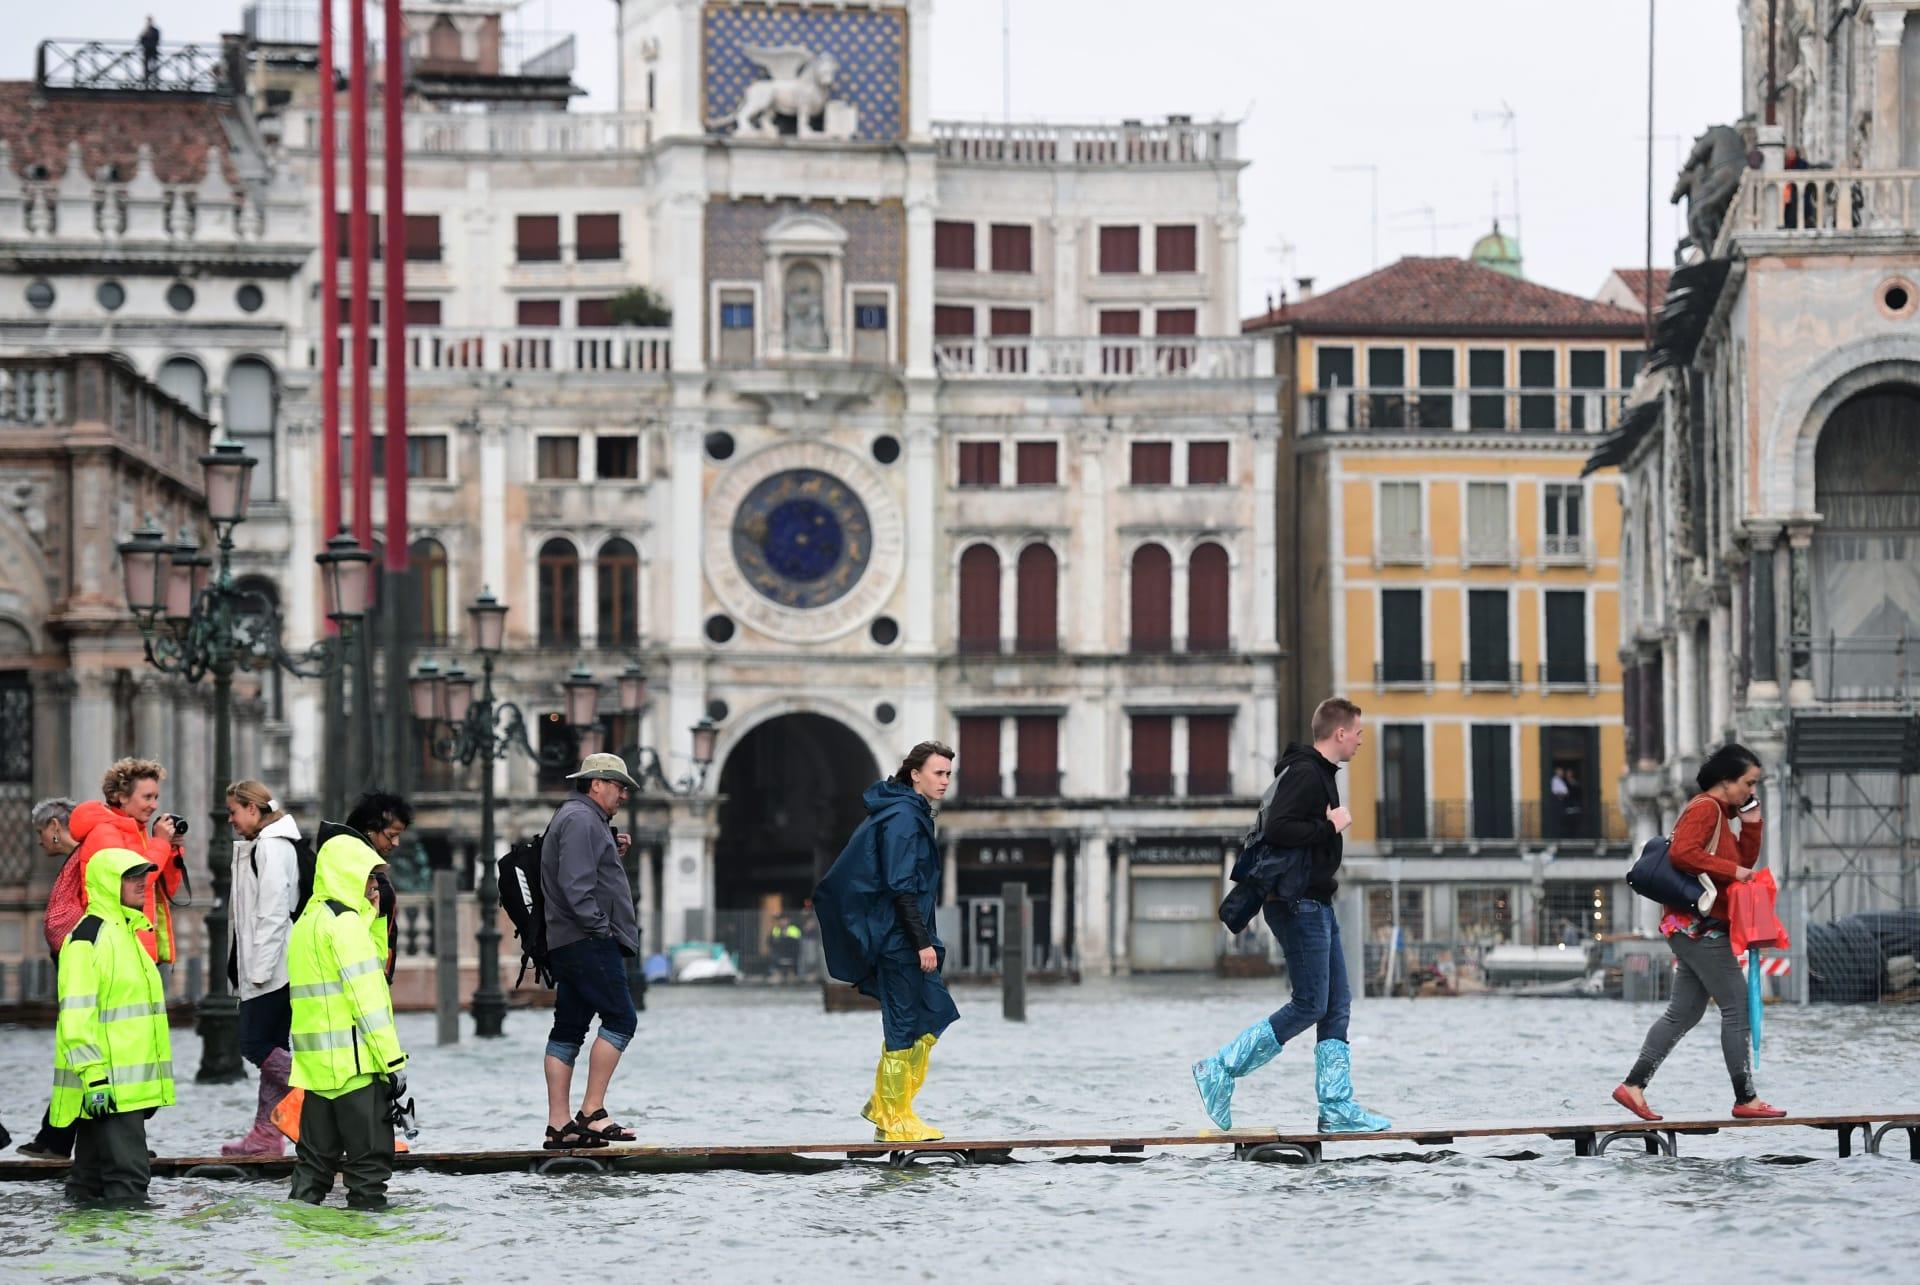 أشخاص يعبرون ساحة سان مارك التي غمرتها المياه على ممشى مرتفع